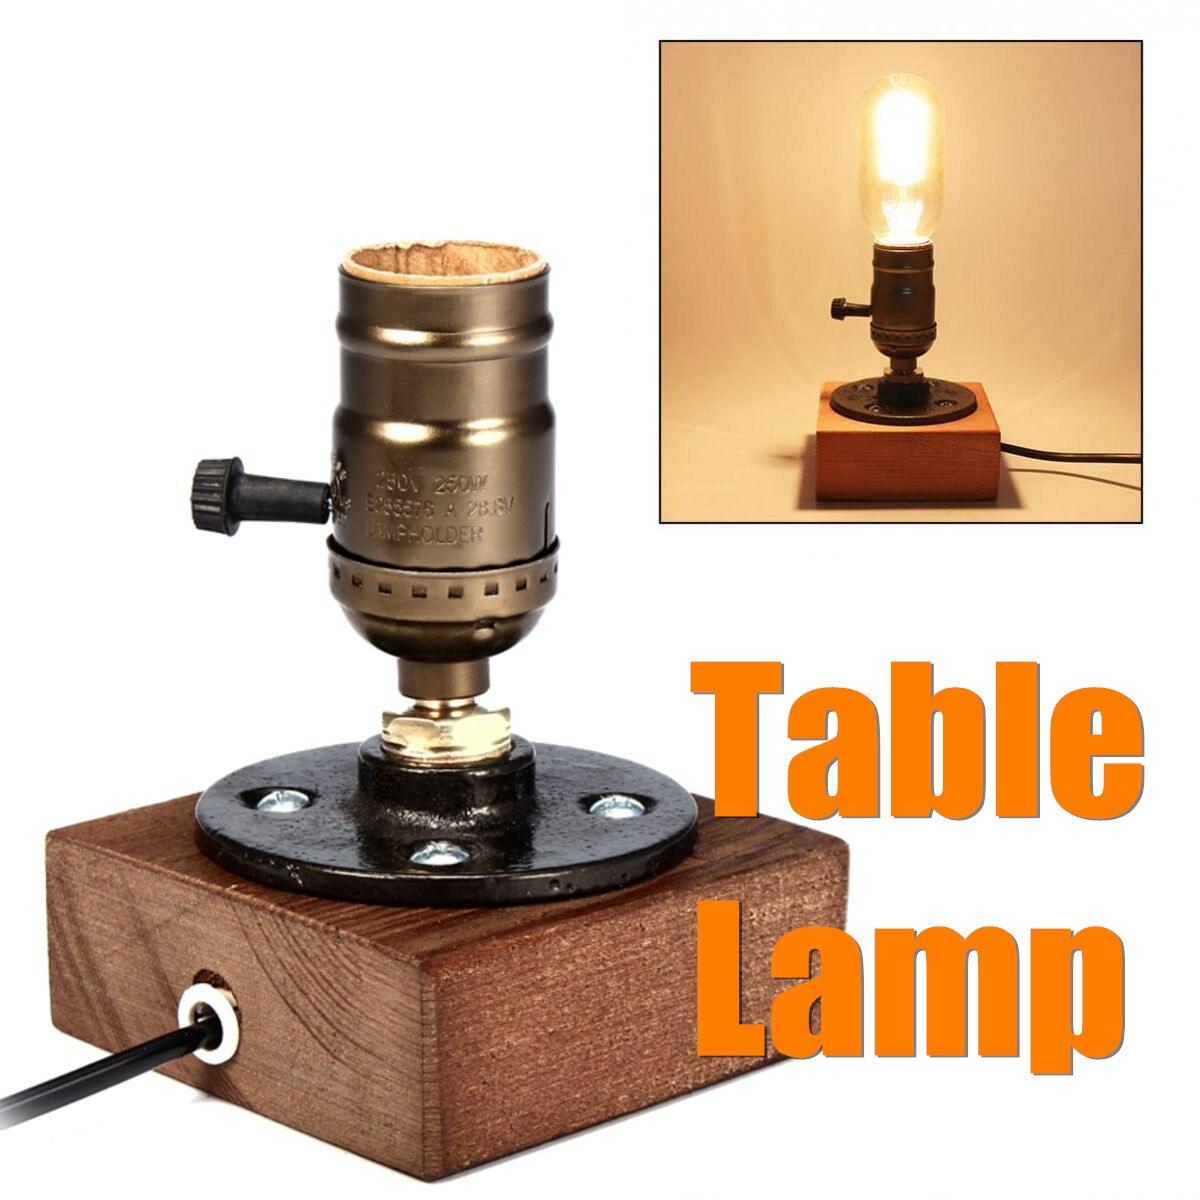 Holz Elektrische Retro Klassische Schreibtisch Nacht Nacht Lampe Tisch Lampe Studie Bar Kaffee Shop Licht Innen Beleuchtung Liefert E27